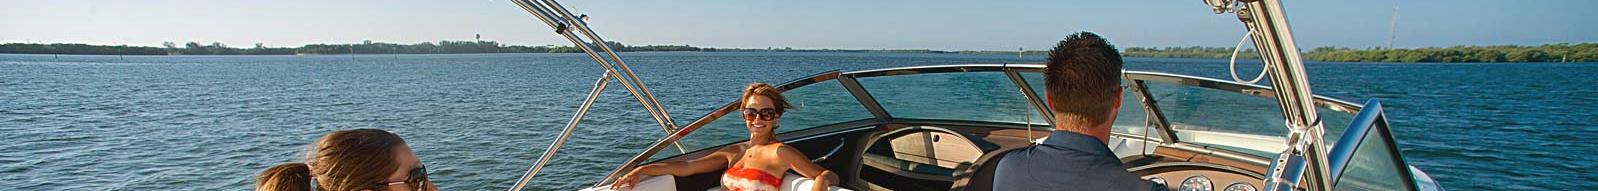 inshore yachts cobalt boats cote d'azur